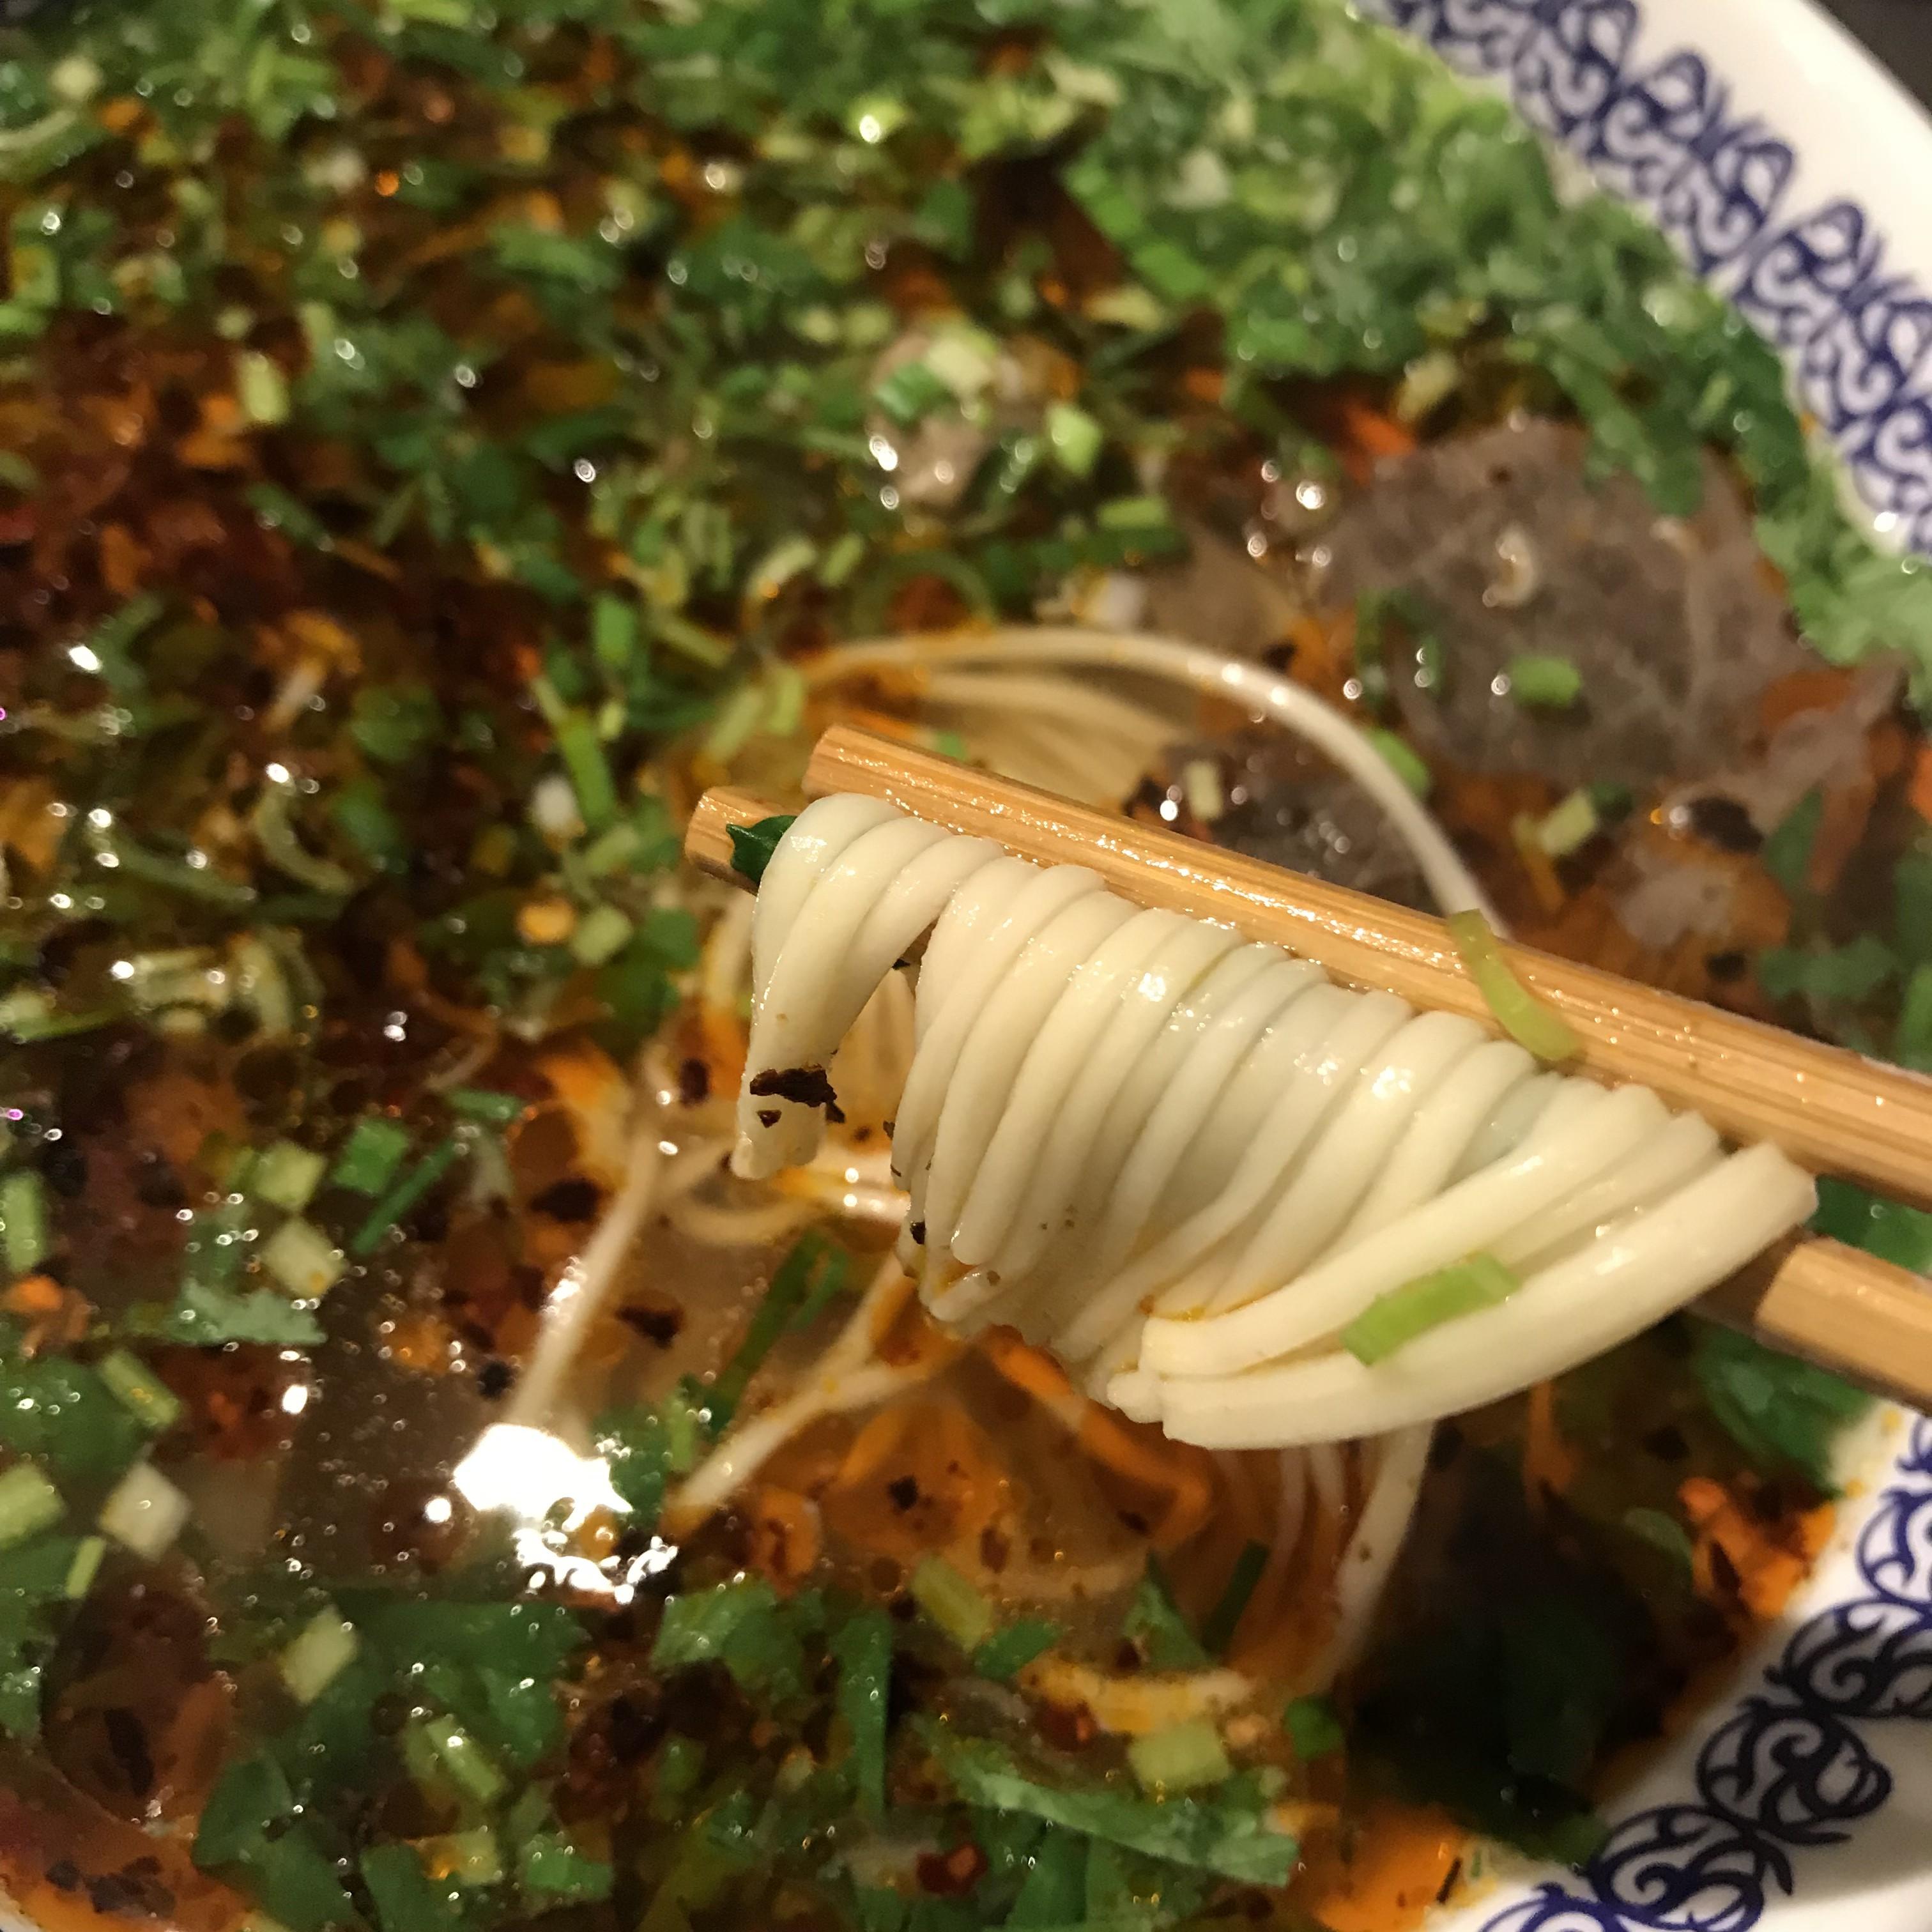 ラーメン好きから広まった!拉麺のなかのラーメン、蘭州拉麺♪